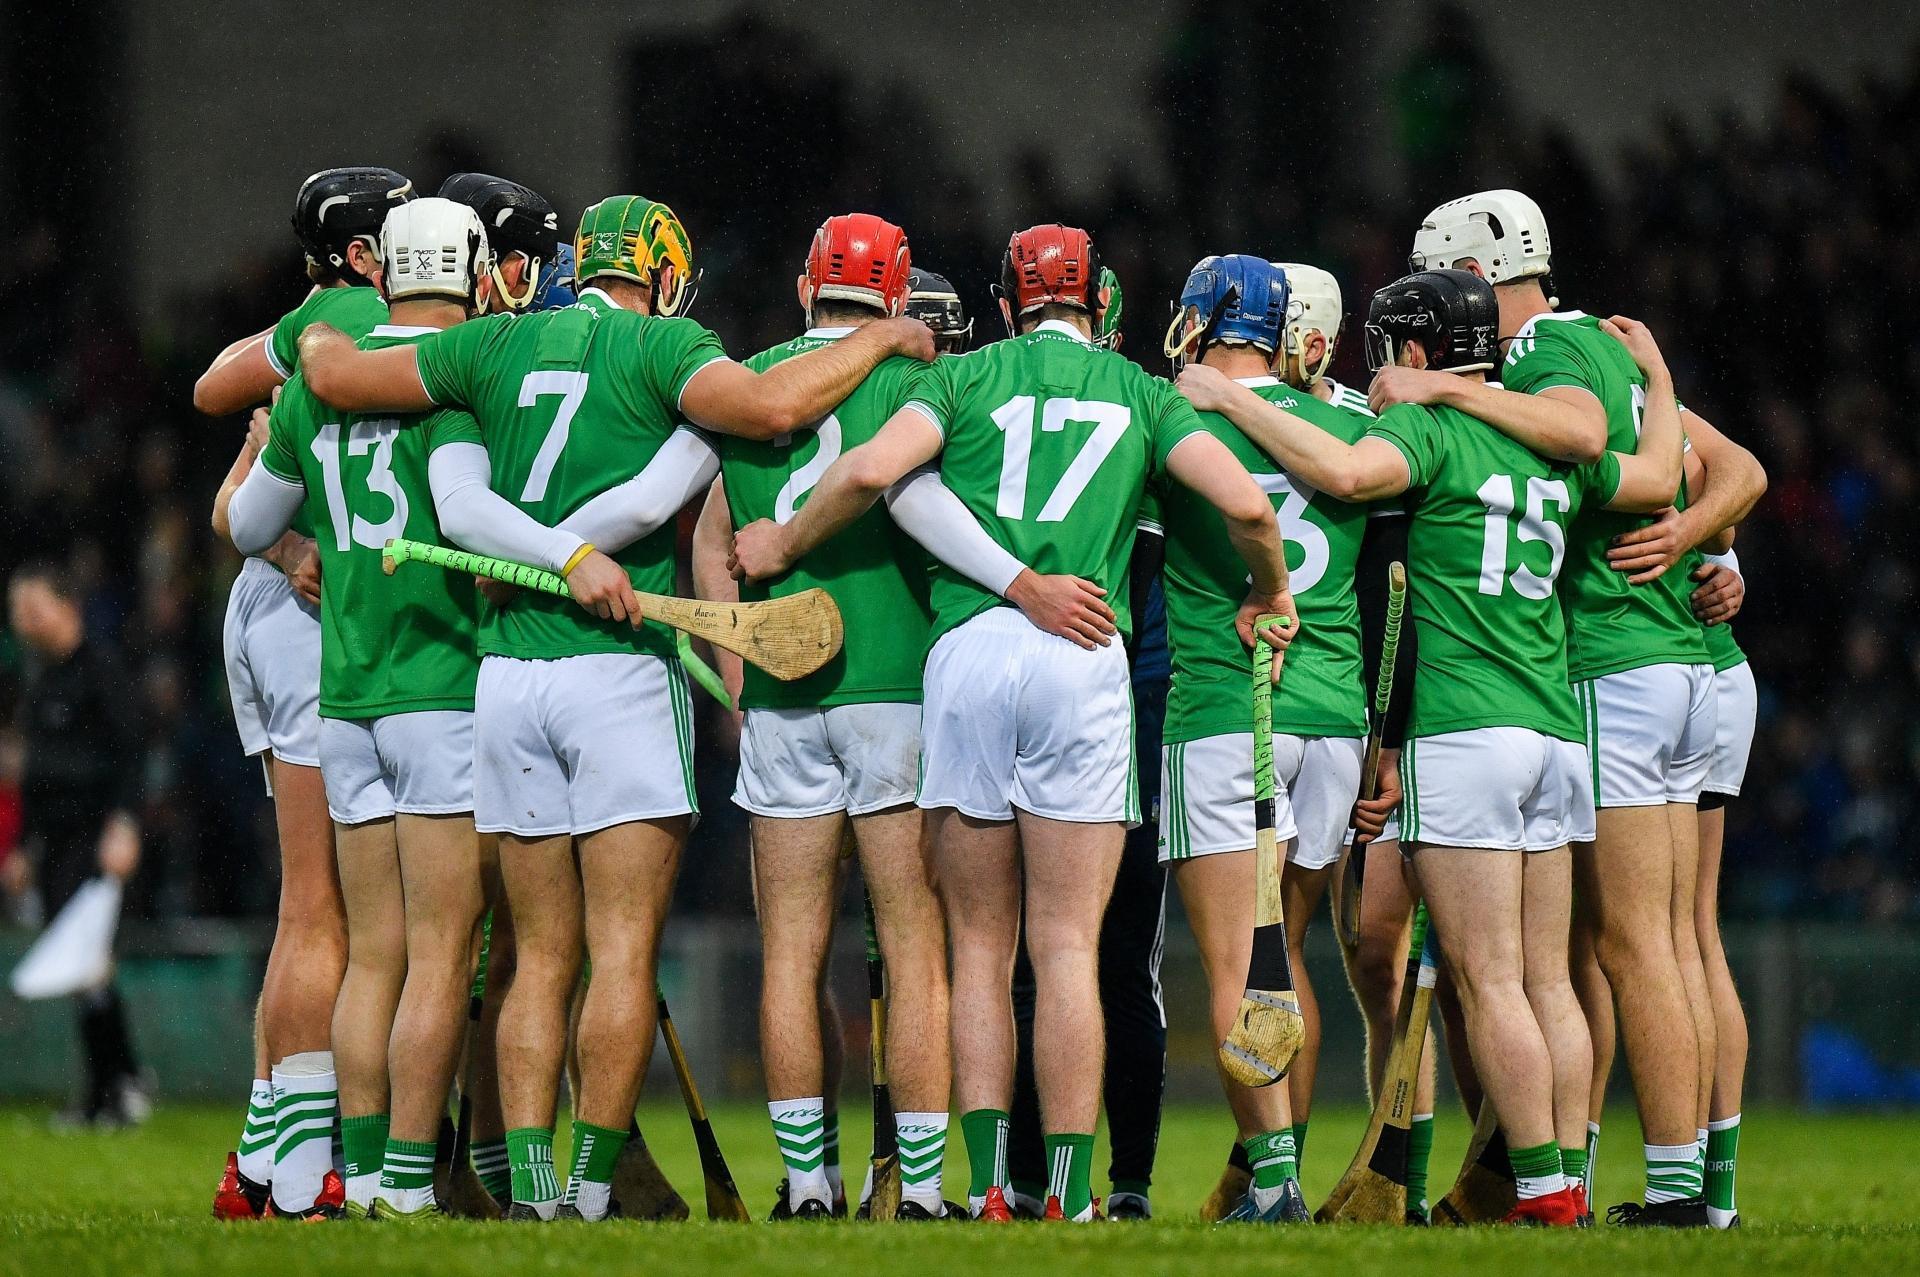 Limerick's 36-man panel for the 2020 All-Ireland Senior Hurling ...